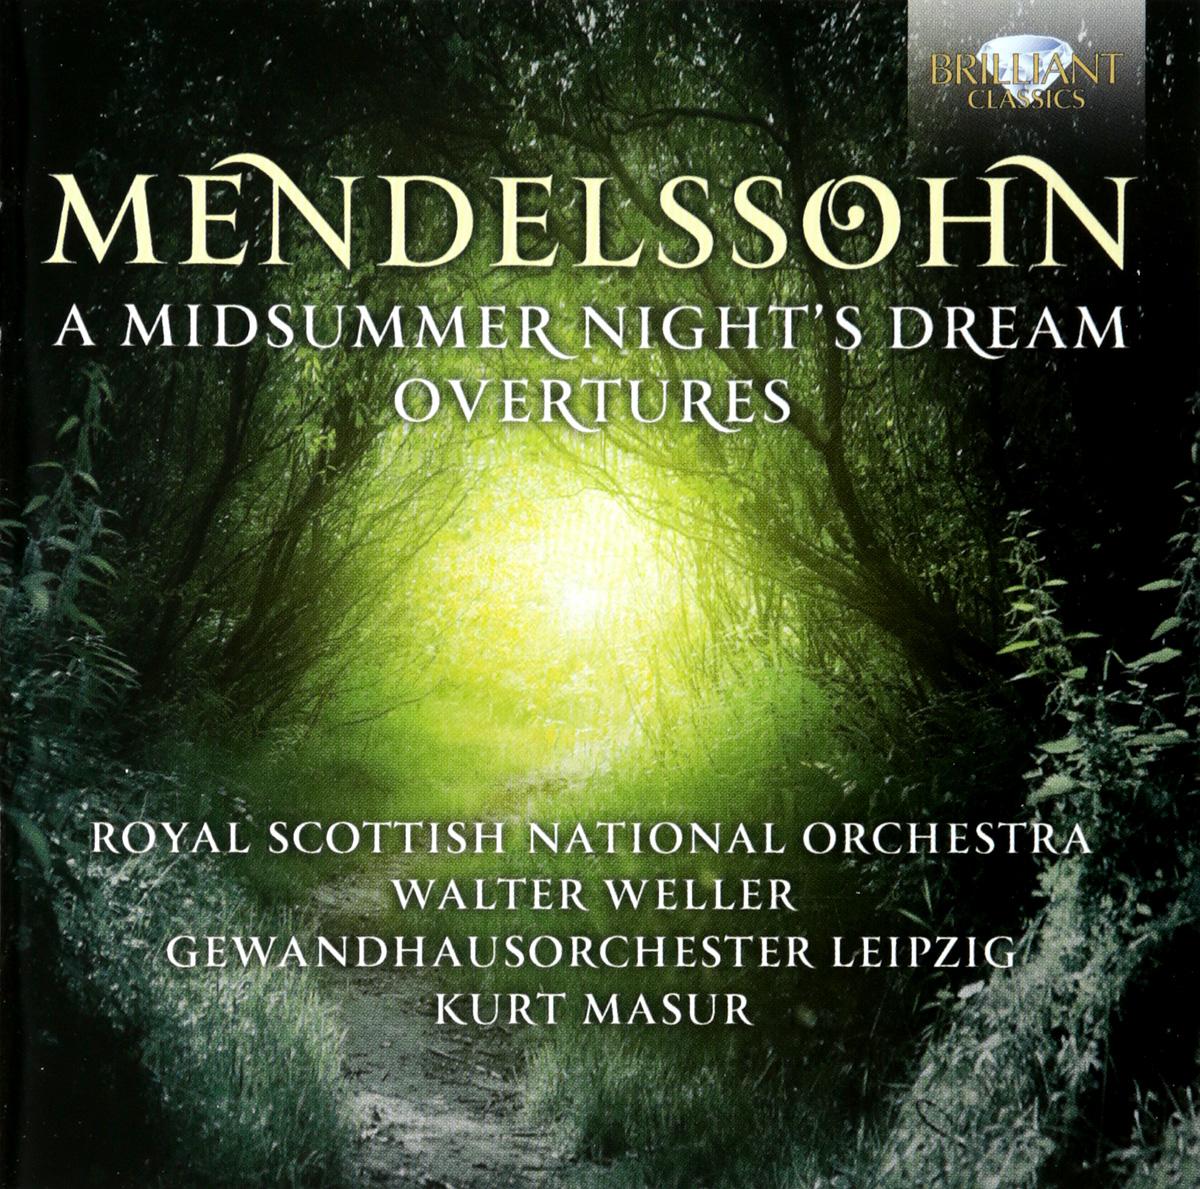 F. Mendelssohn-Bartholdy. Midsummer Night's Dream (2 CD) f mendelssohn bartholdy lettere di felix mendelssohn bartholdy 1830 1847 volume 2